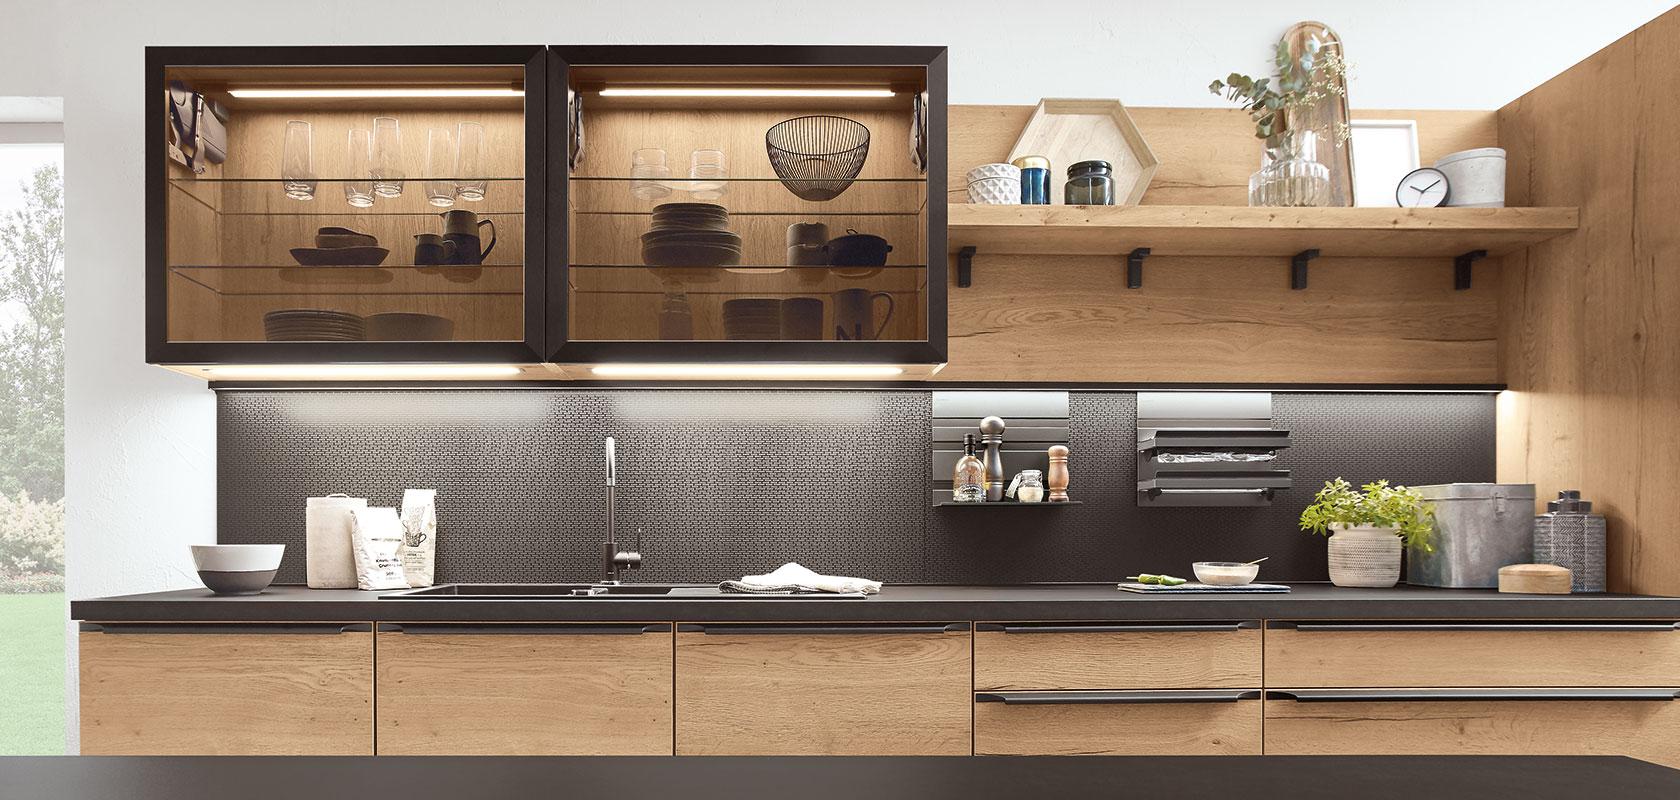 Full Size of Alles Zur Nischengestaltung Nobilia Kchen Einbauküche Küche Wohnzimmer Nobilia Wandabschlussleiste